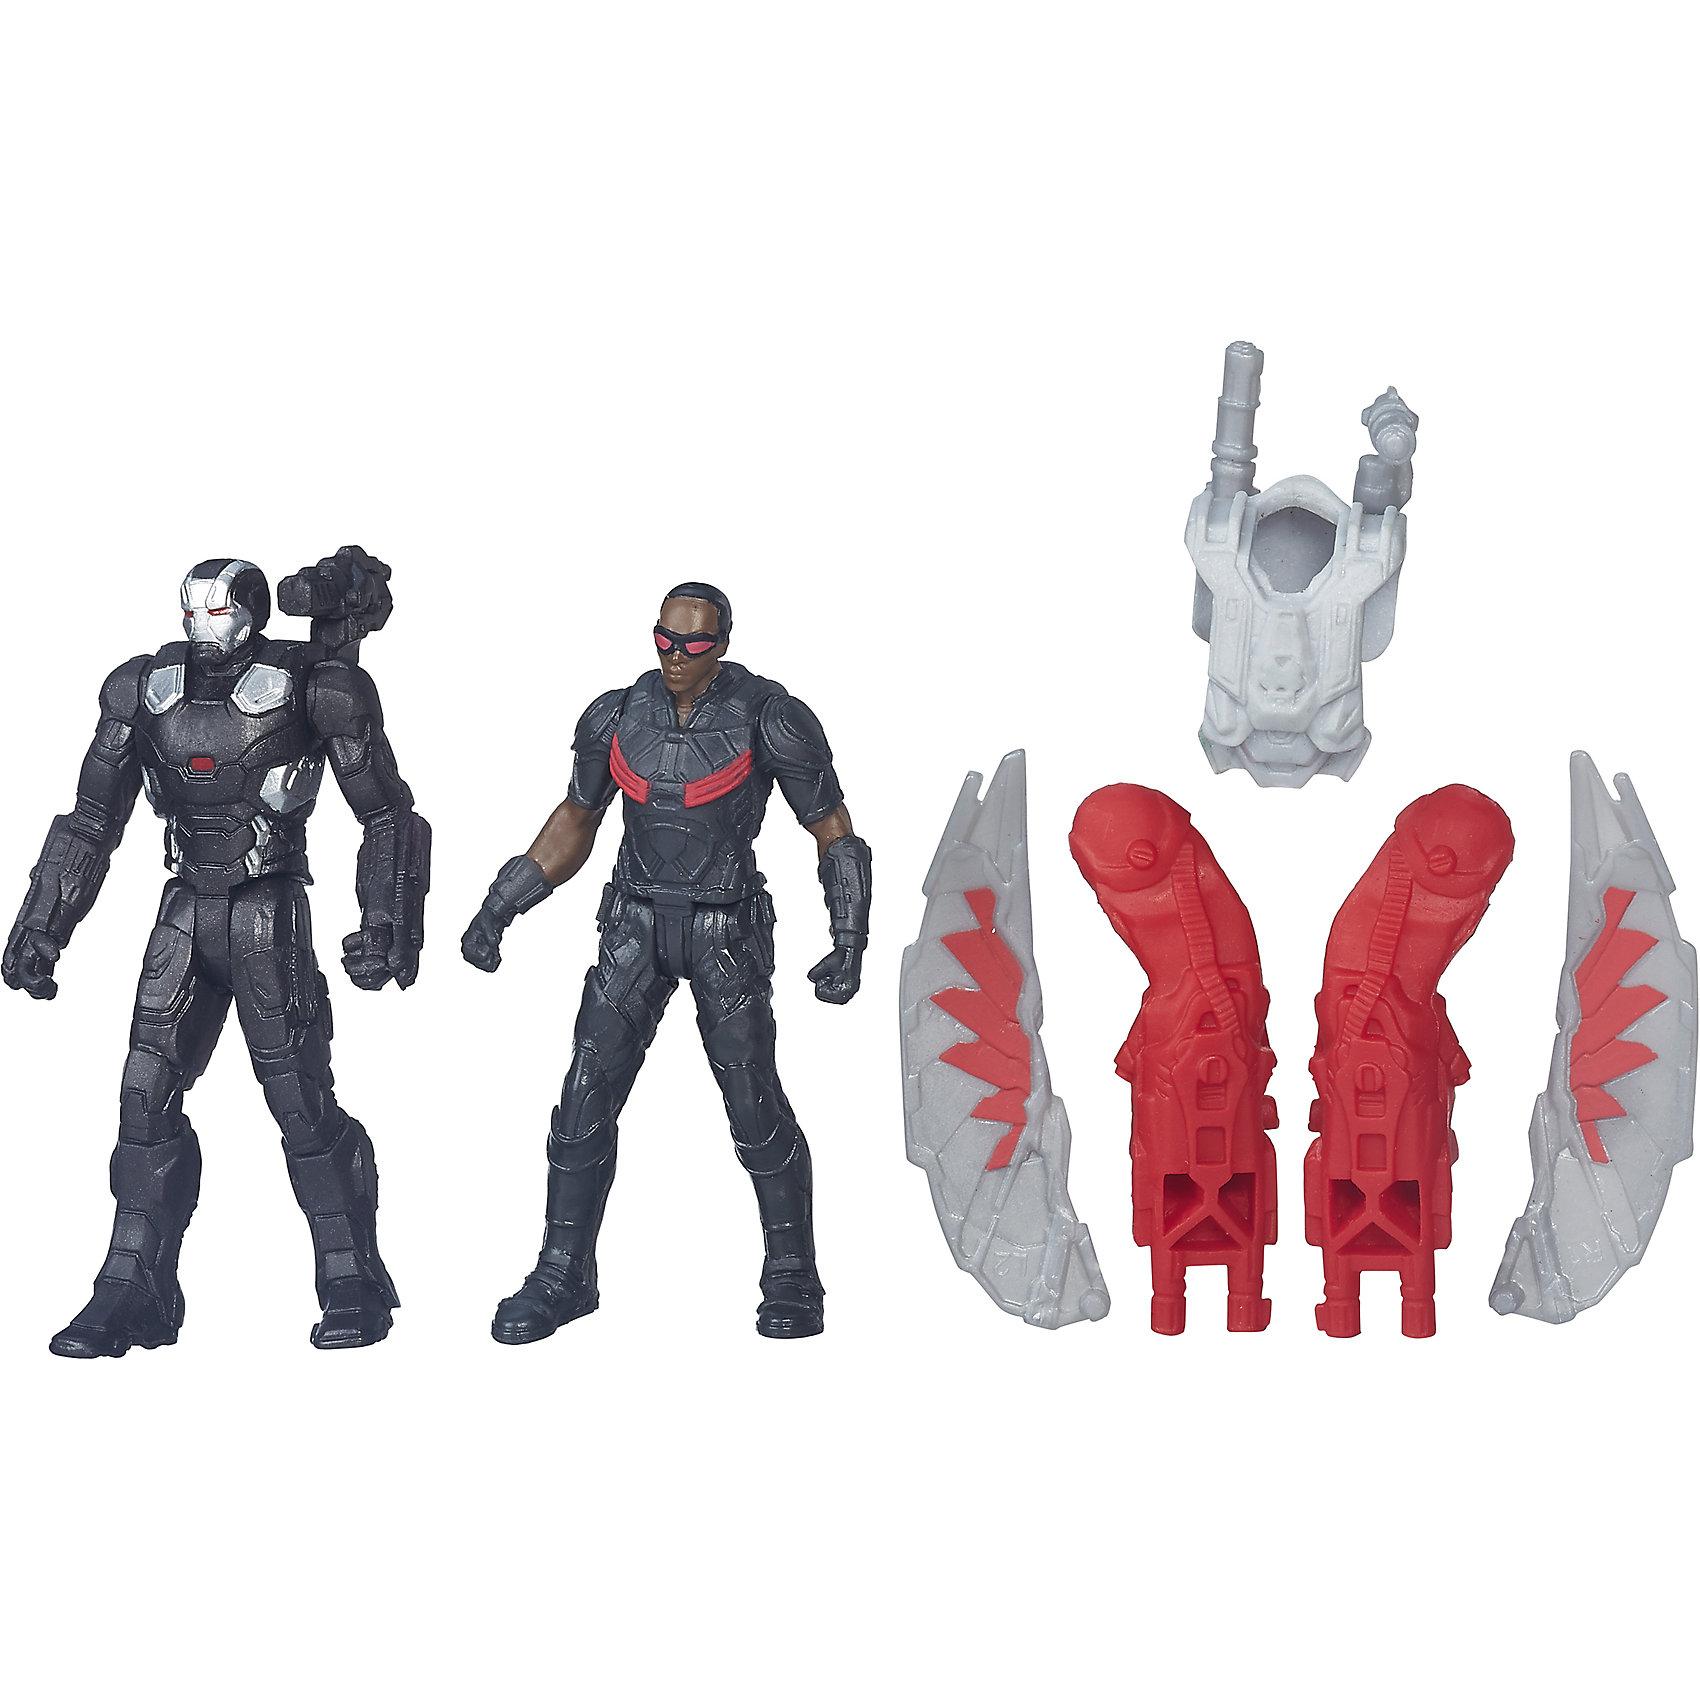 Набор из 2 фигурок Мстителей Falcon vs War MachineКоллекционные и игровые фигурки<br>Набор из 2 фигурок Мстителей Falcon vs War Machine.<br><br>Характеристики:<br><br>- В комплекте: 2 фигурки, броня, крылья<br>- Высота фигурки: 6 см.<br>- Материал: высококачественный пластик<br>- Размер упаковки: 16x14x4 см.<br><br>Игровой набор из фигурок от Hasbro вызовет настоящий восторг у юного поклонника знаменитой вселенной Marvel. Фигурки изготовлены из высококачественного прочного пластика и выполнены в виде Сокола и Воителя. В комплекте с фигурками идут дополнительные аксессуары: элементы бронекостюма и крылья Сокола. Игрушечные персонажи максимально соответствует своим прототипам с учетом особенностей образа каждого героя. Фигурки имеют по пять точек артикуляции, что позволяет придавать им необходимое положение во время игры. Имея в игровом арсенале этих персонажей, ребенок сможет разыграть множество увлекательнейших сюжетов. В них в очередной раз развернется отчаянная борьба за мир, и смелые герои вновь спасут его благодаря своей силе, ловкости и находчивости! Совместимо с Башней Мстителей.<br><br>Набор из 2 фигурок Мстителей Falcon vs War Machine можно купить в нашем интернет-магазине.<br><br>Ширина мм: 44<br>Глубина мм: 140<br>Высота мм: 159<br>Вес г: 50<br>Возраст от месяцев: 48<br>Возраст до месяцев: 144<br>Пол: Мужской<br>Возраст: Детский<br>SKU: 4874297